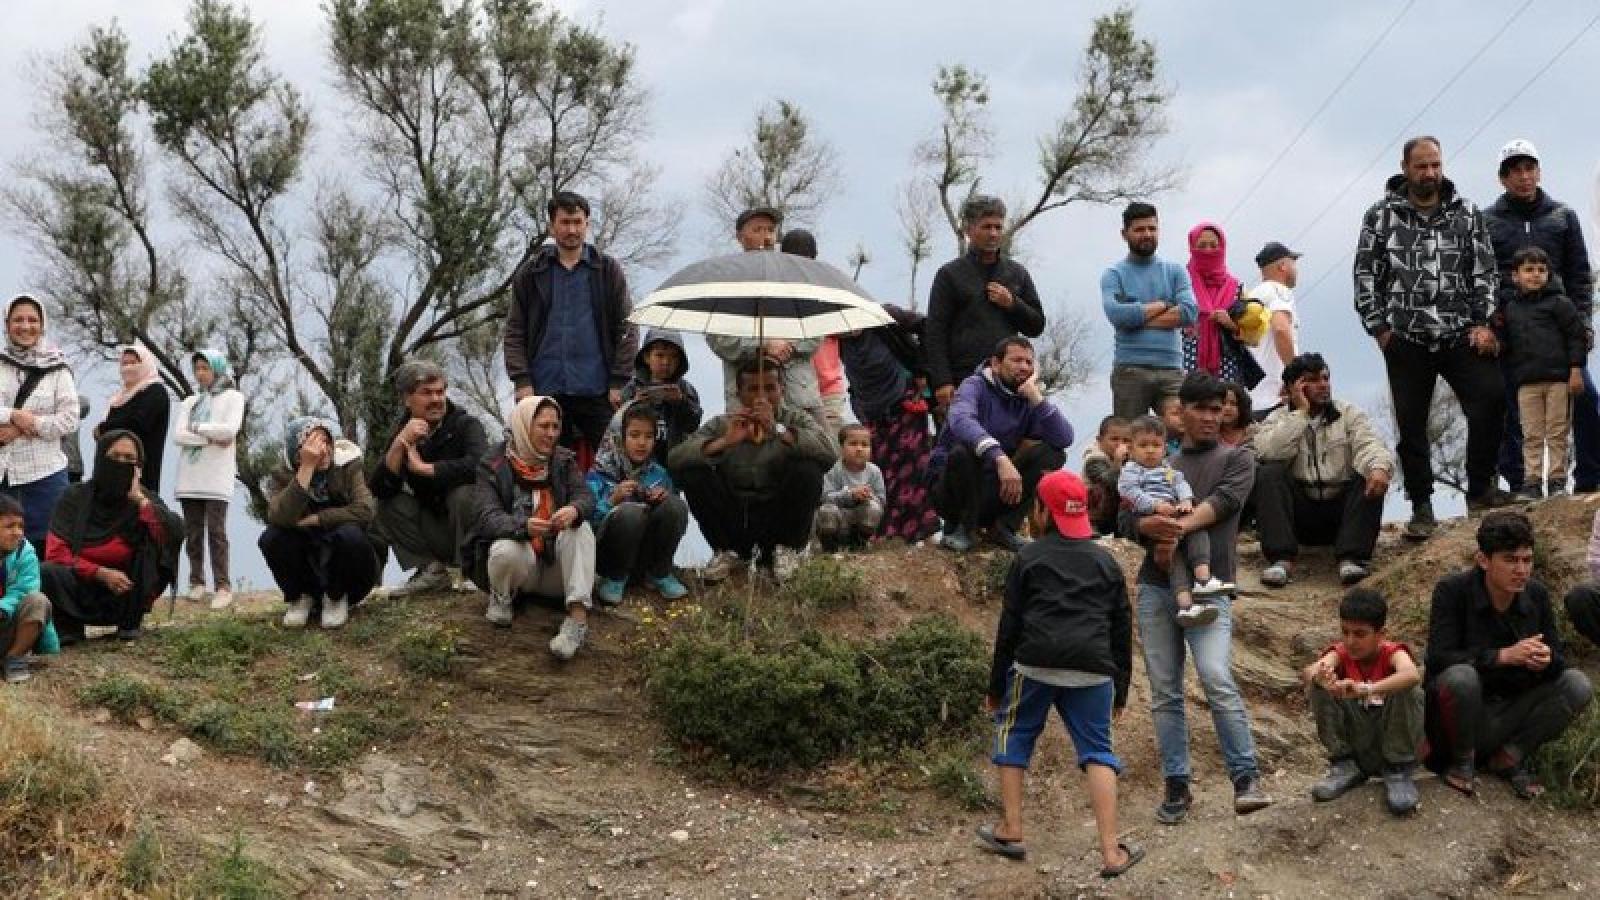 Hy Lạp đưa người di cư từ các trại tị nạn trên đảo lên đất liền